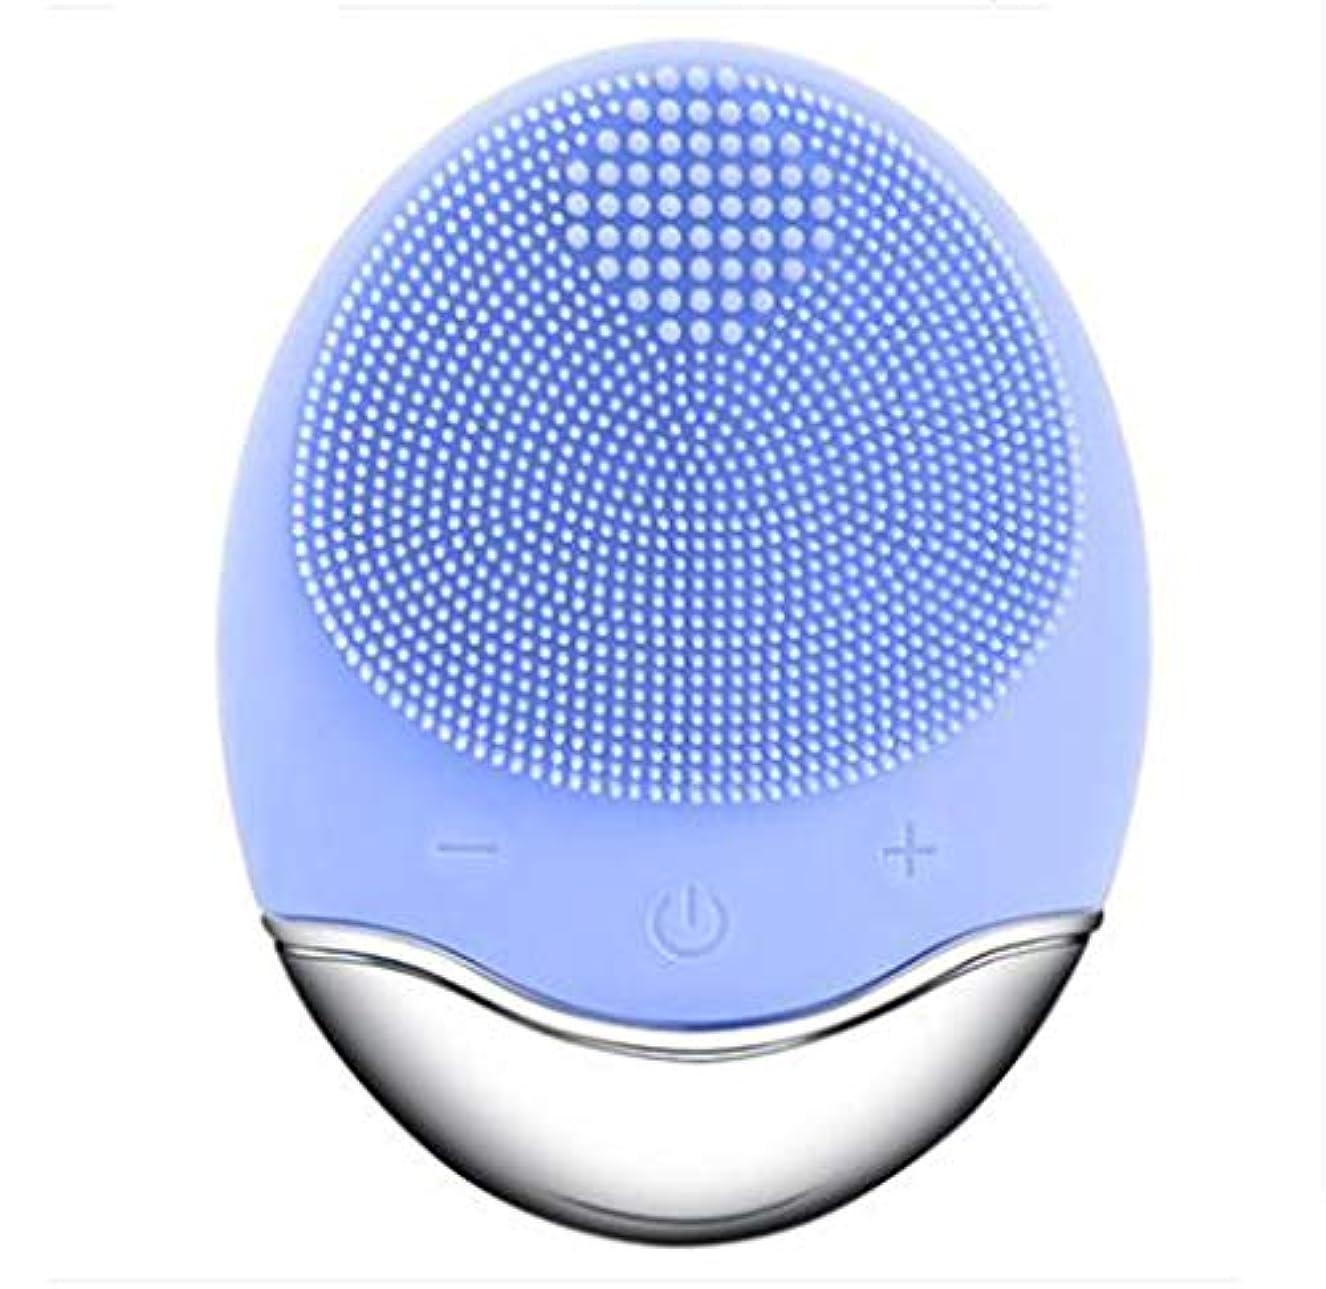 あいさつオーストラリア人のりシリコーン電気クレンジング器具、洗顔毛穴クリーナーマッサージフェイス、イントロデューサー + クレンジング器具 (1 つ2個),Blue